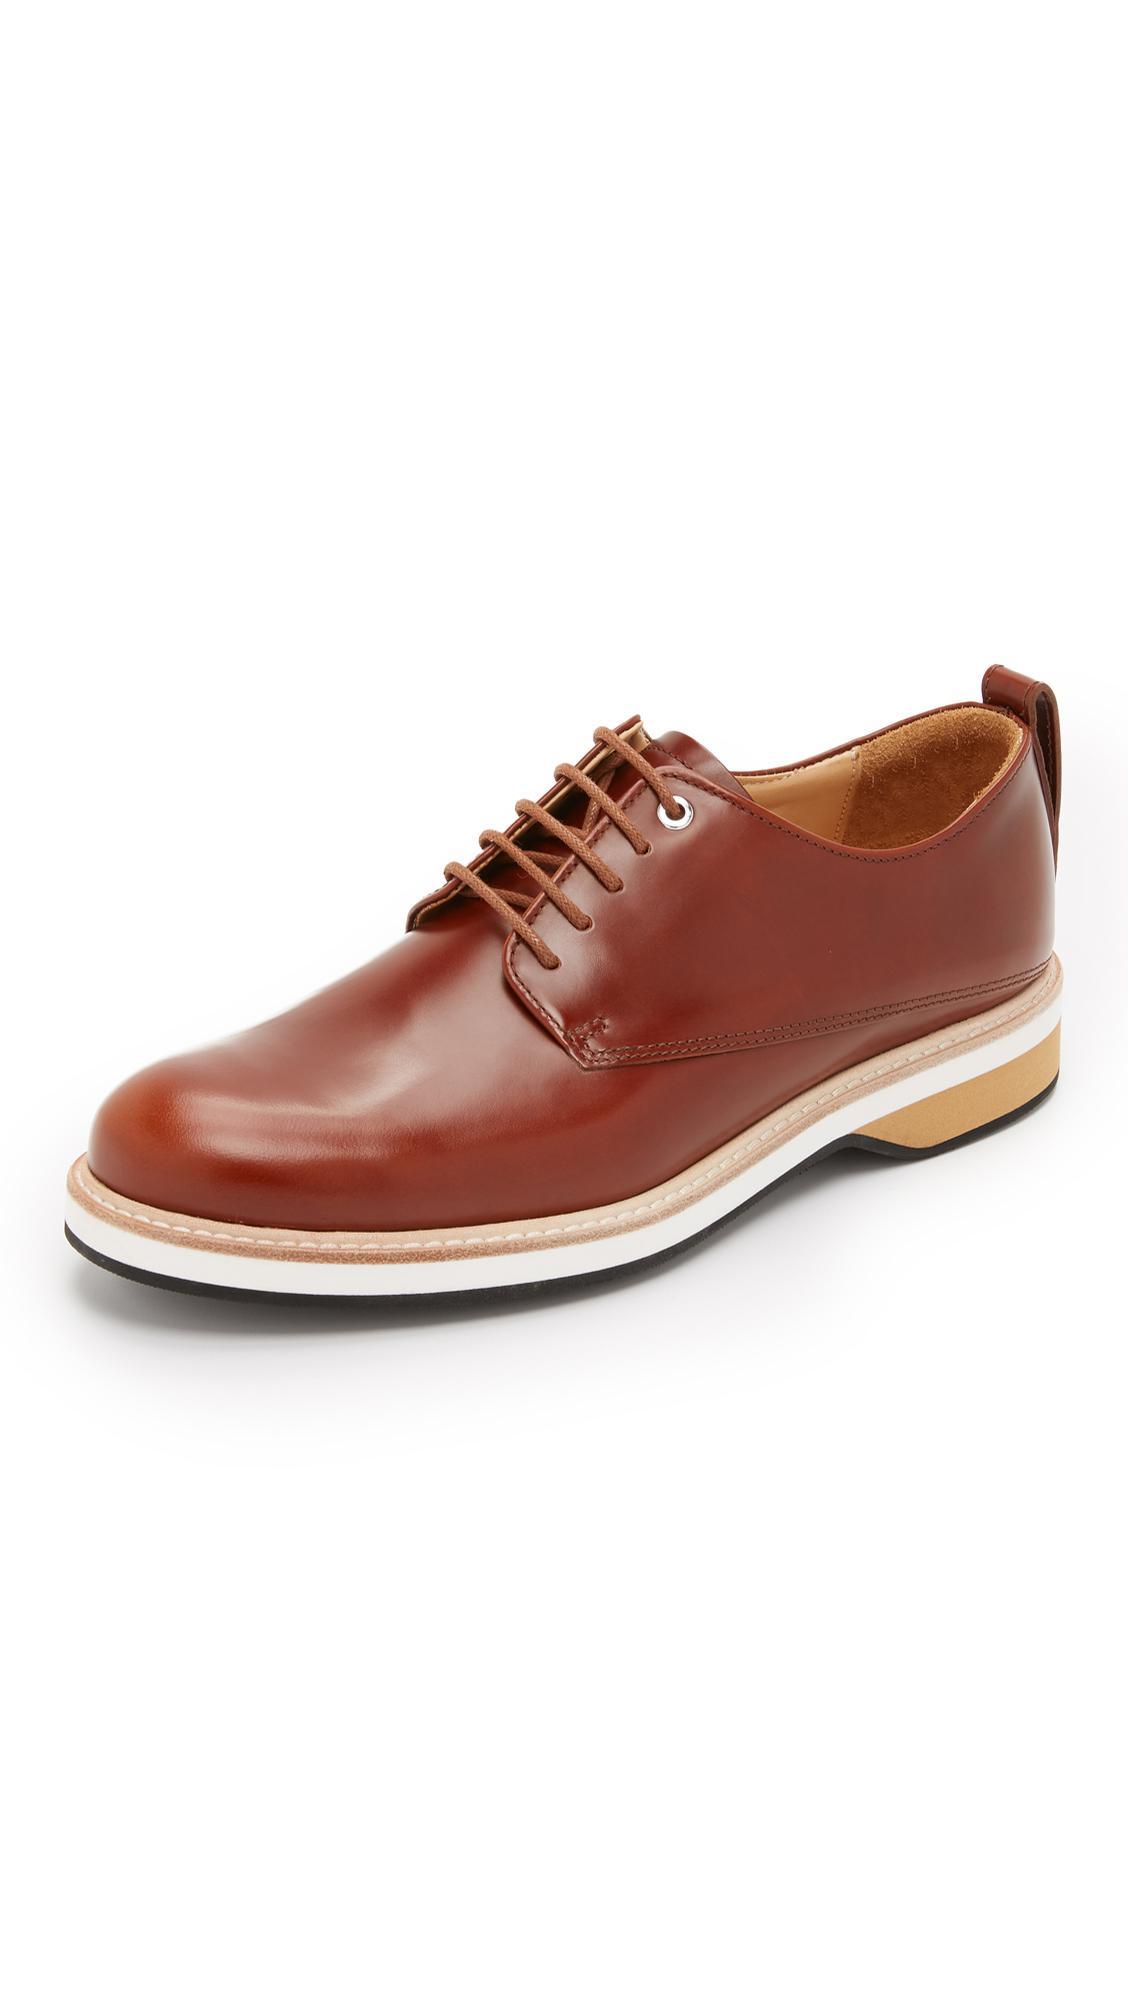 Want Les Essentiels De La Vie Mens Brown Montoro Leather Derby Shoes